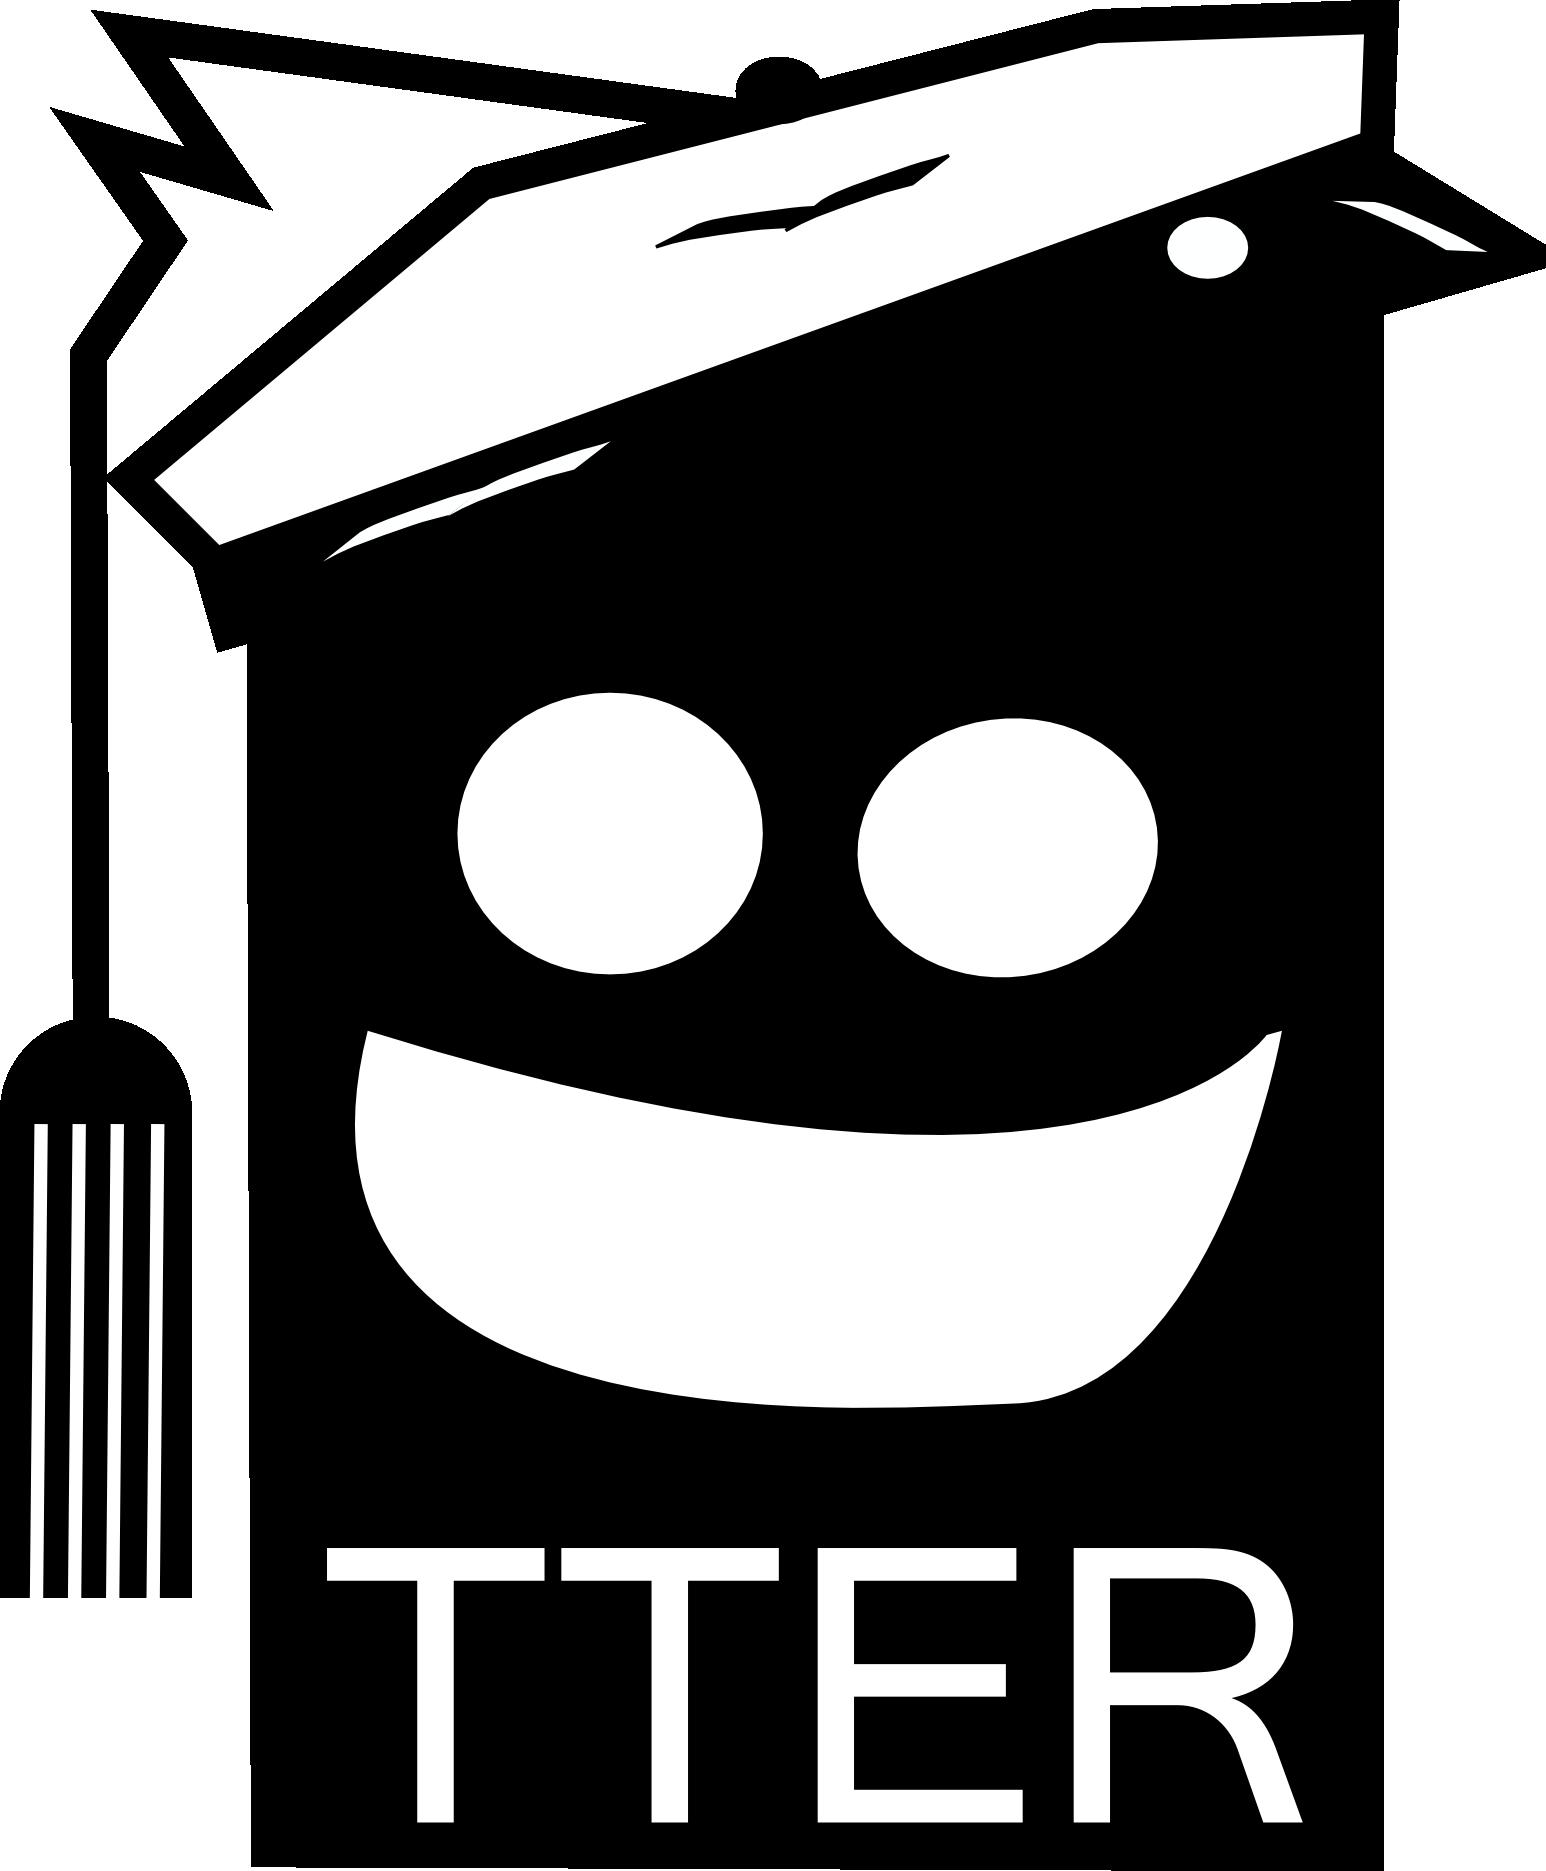 logo1_v32